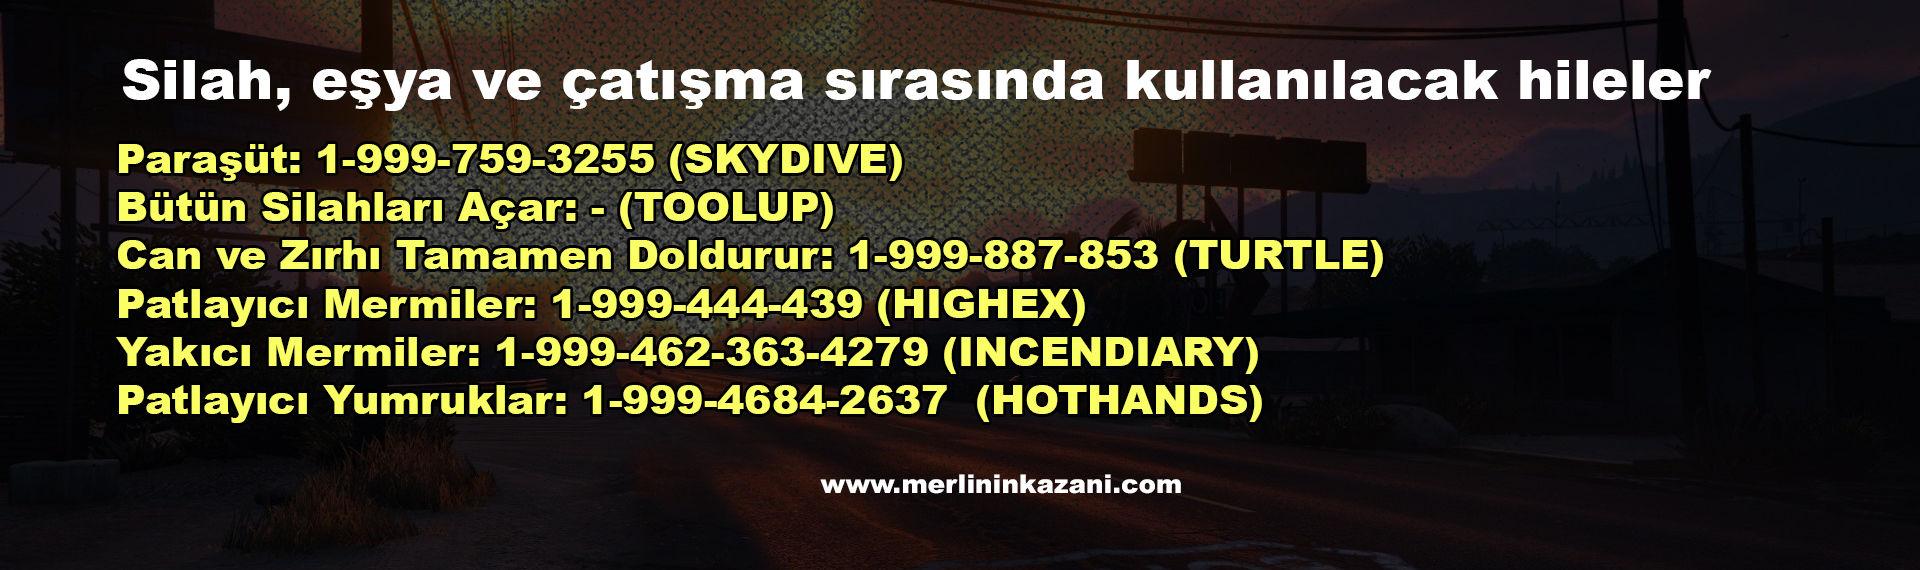 GTA V Hileleri (Telefon Numaraları ve Şifreler)